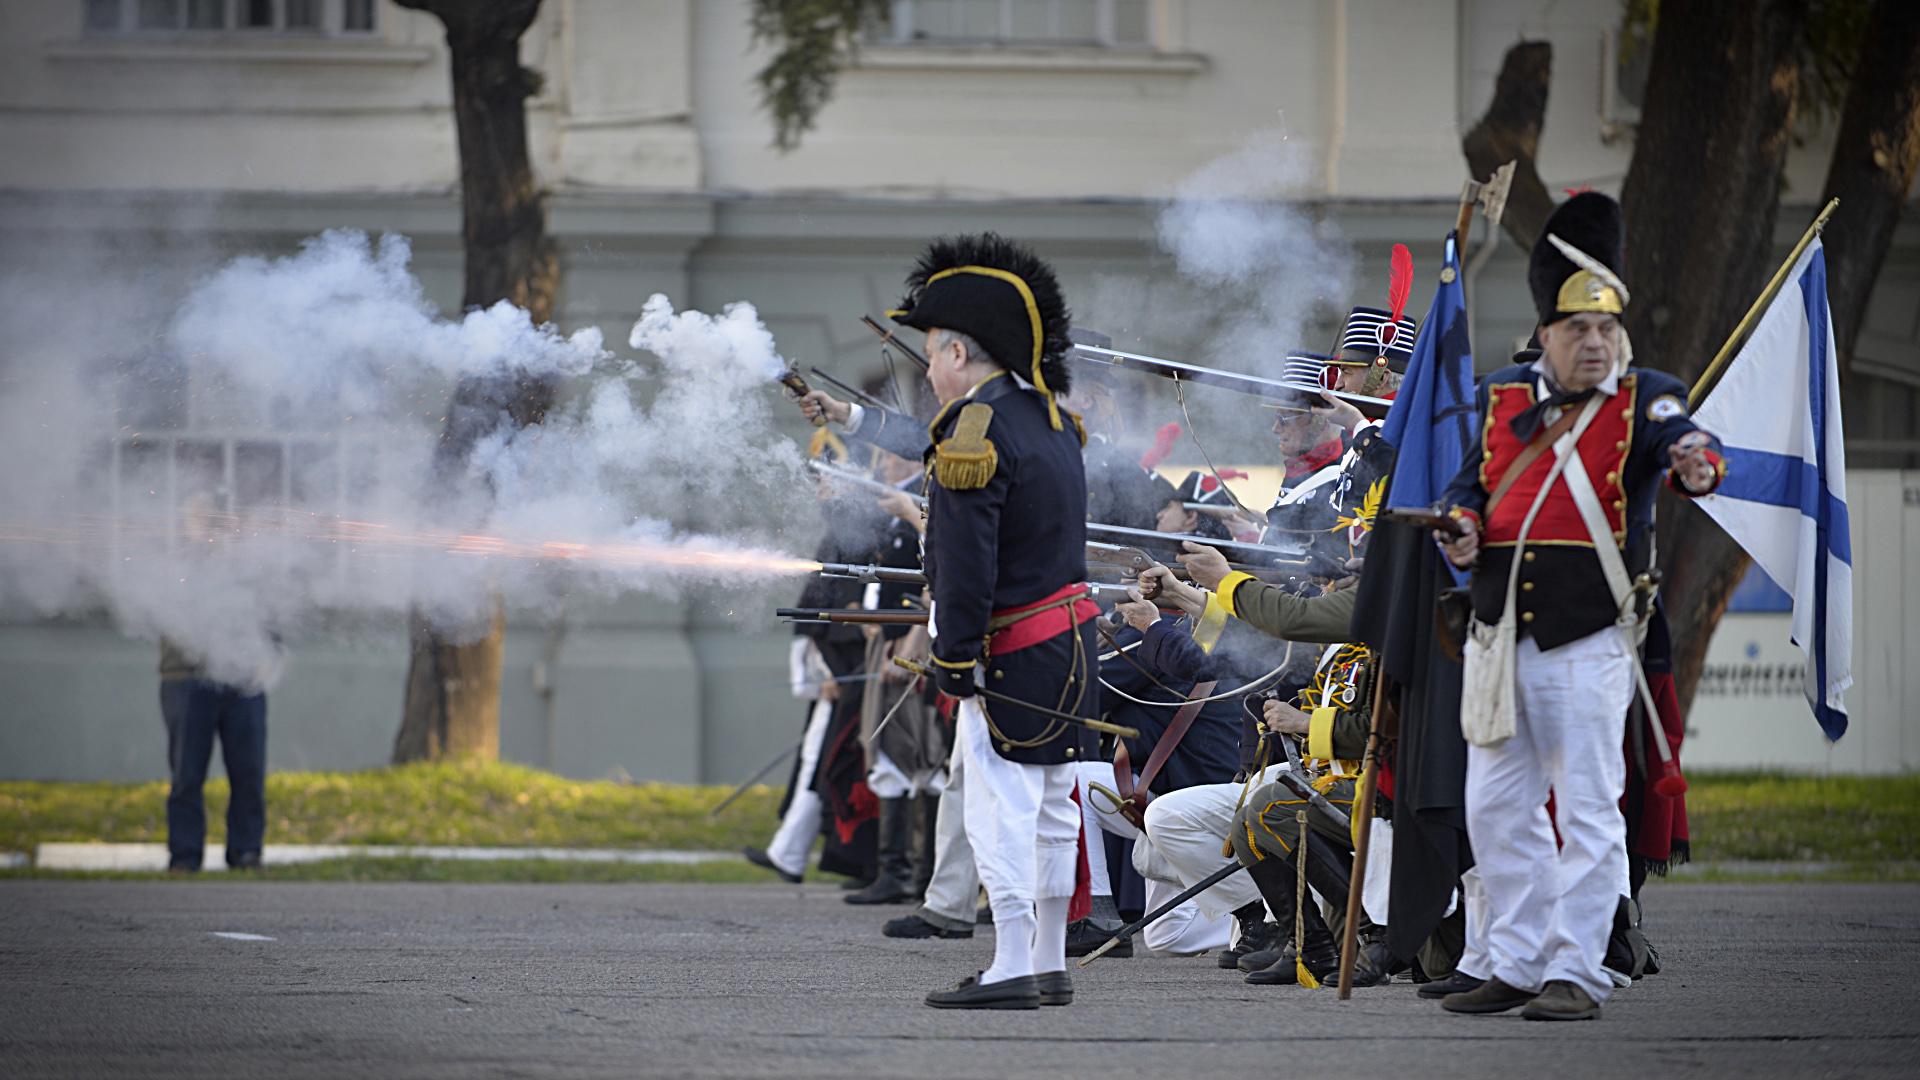 Con uniformes de unidades militares criollas, españolas y británicas, los voluntarios se trenzaron en combates con atronadores estampidos de las armas que dejaban espesas nubes de humo en el aire a pesar de que no disparasen balas